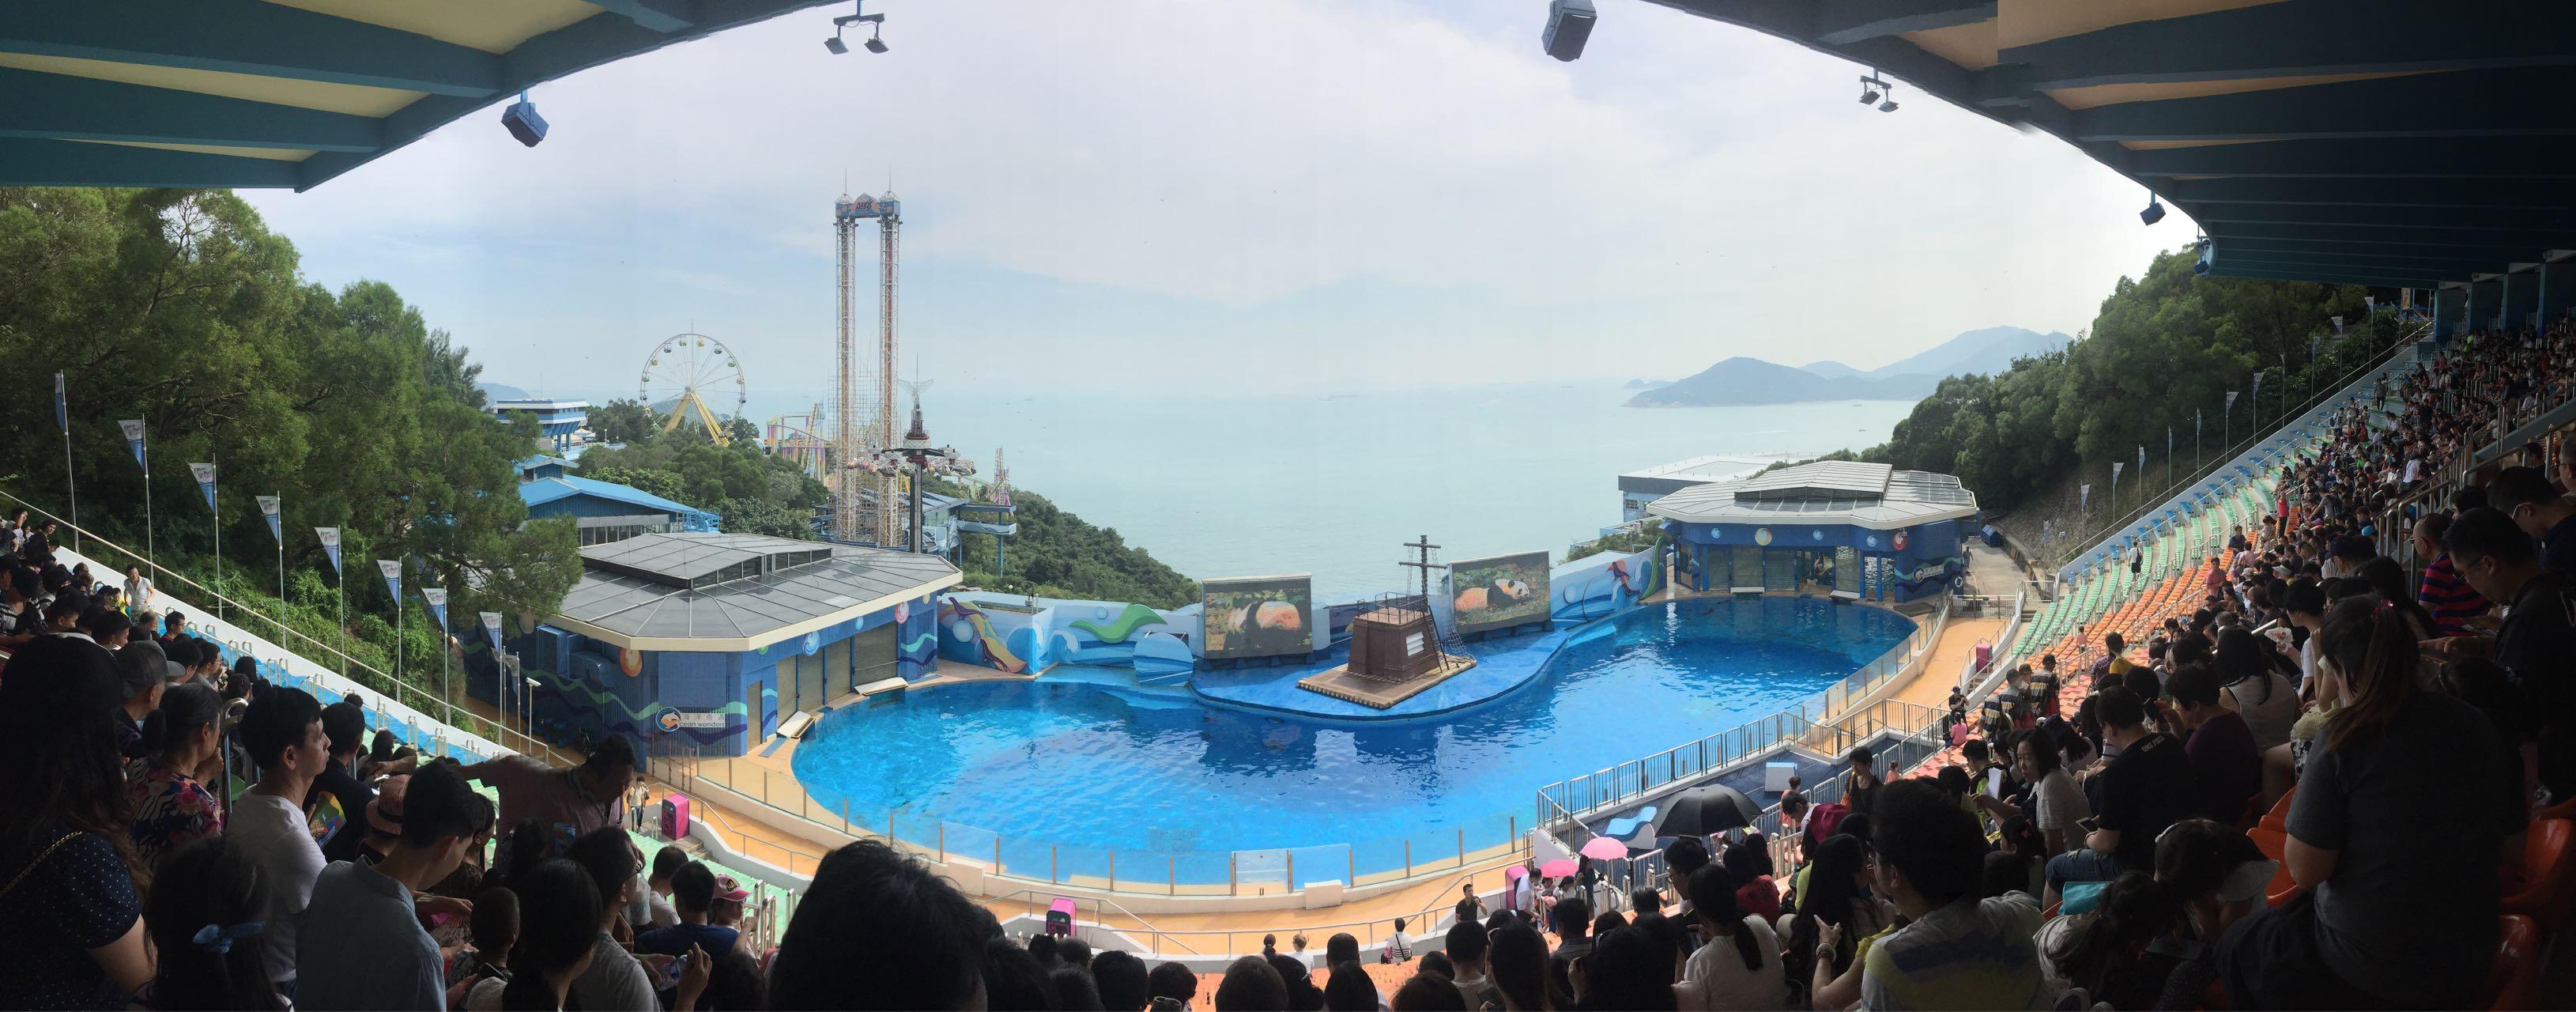 等着看海豚表演的观众席